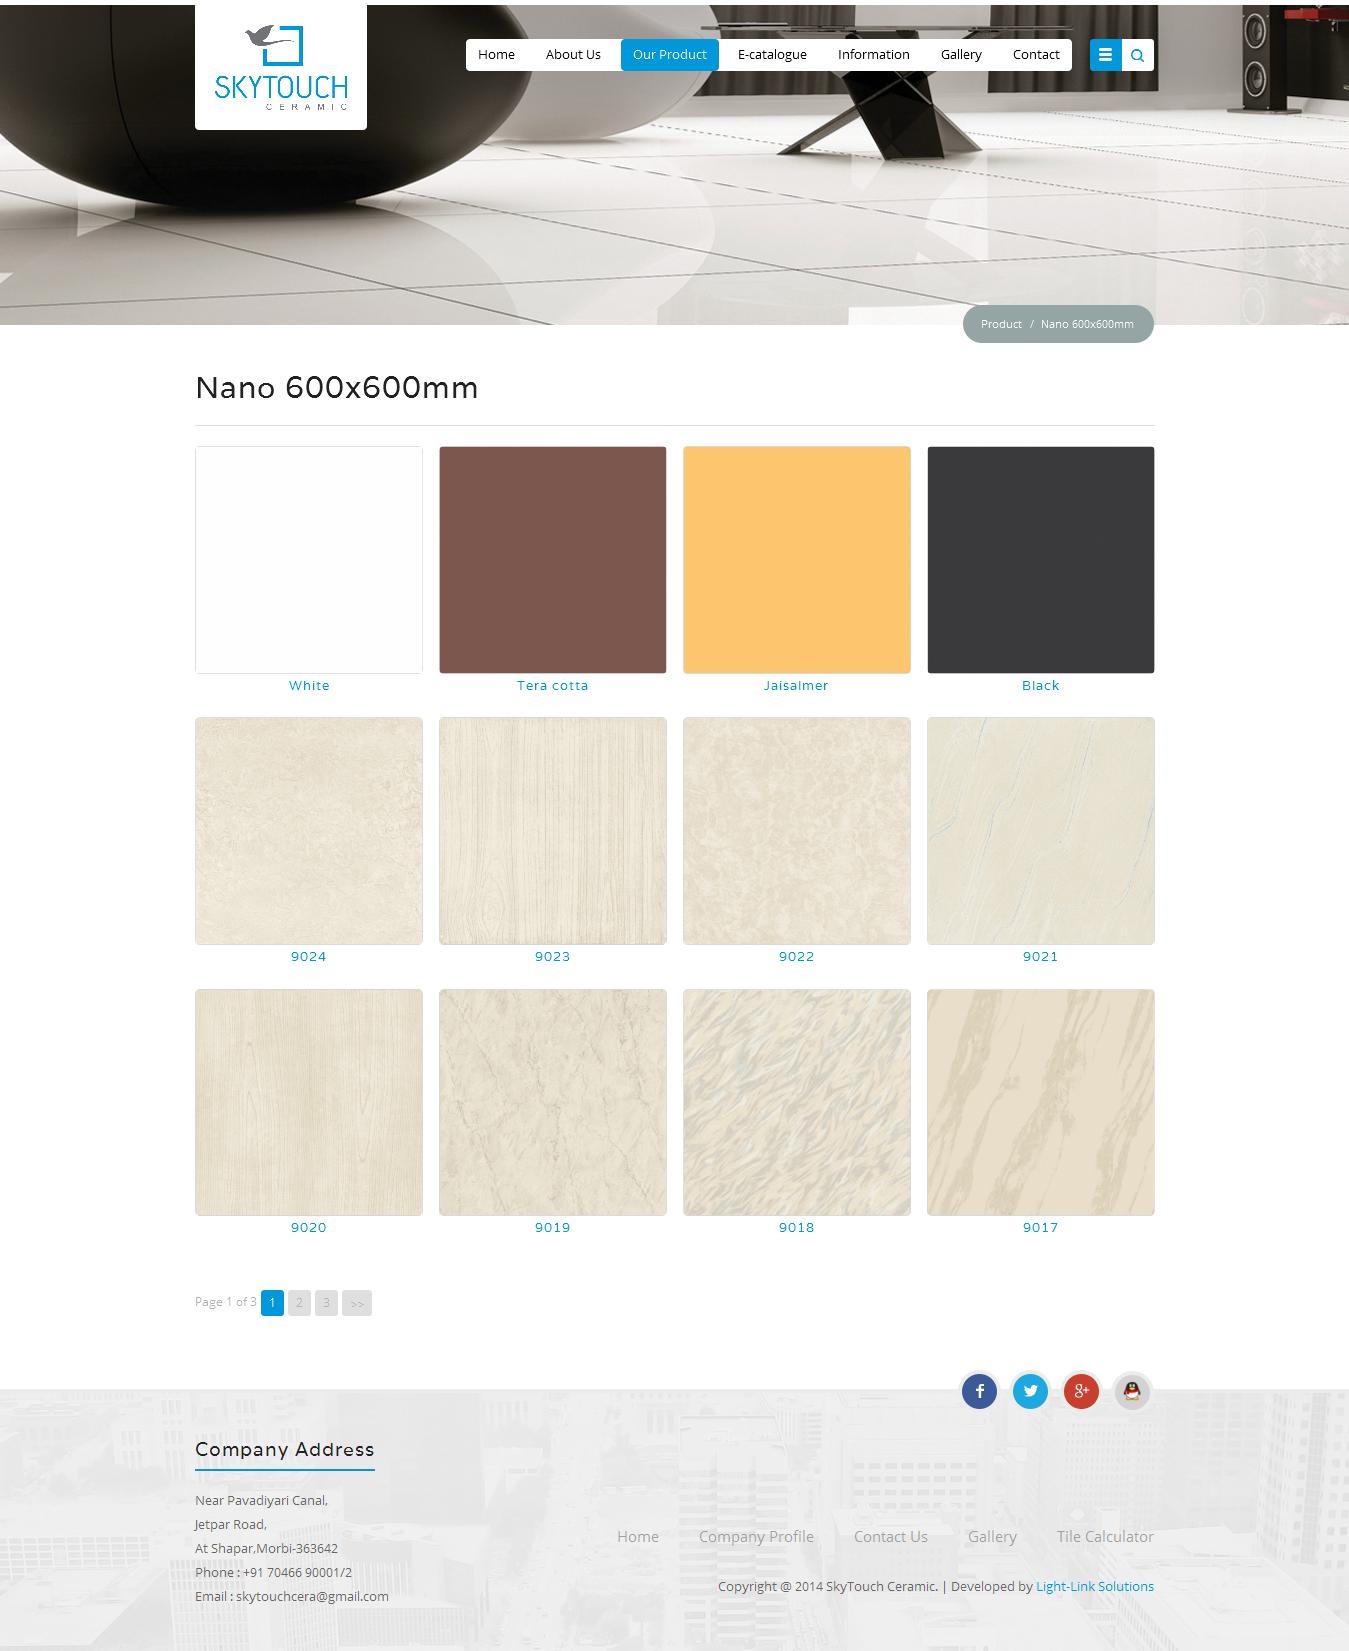 SKYTOUCH CERAMIC PVT. LTD. - Tiles Gallery For More Details : http ...